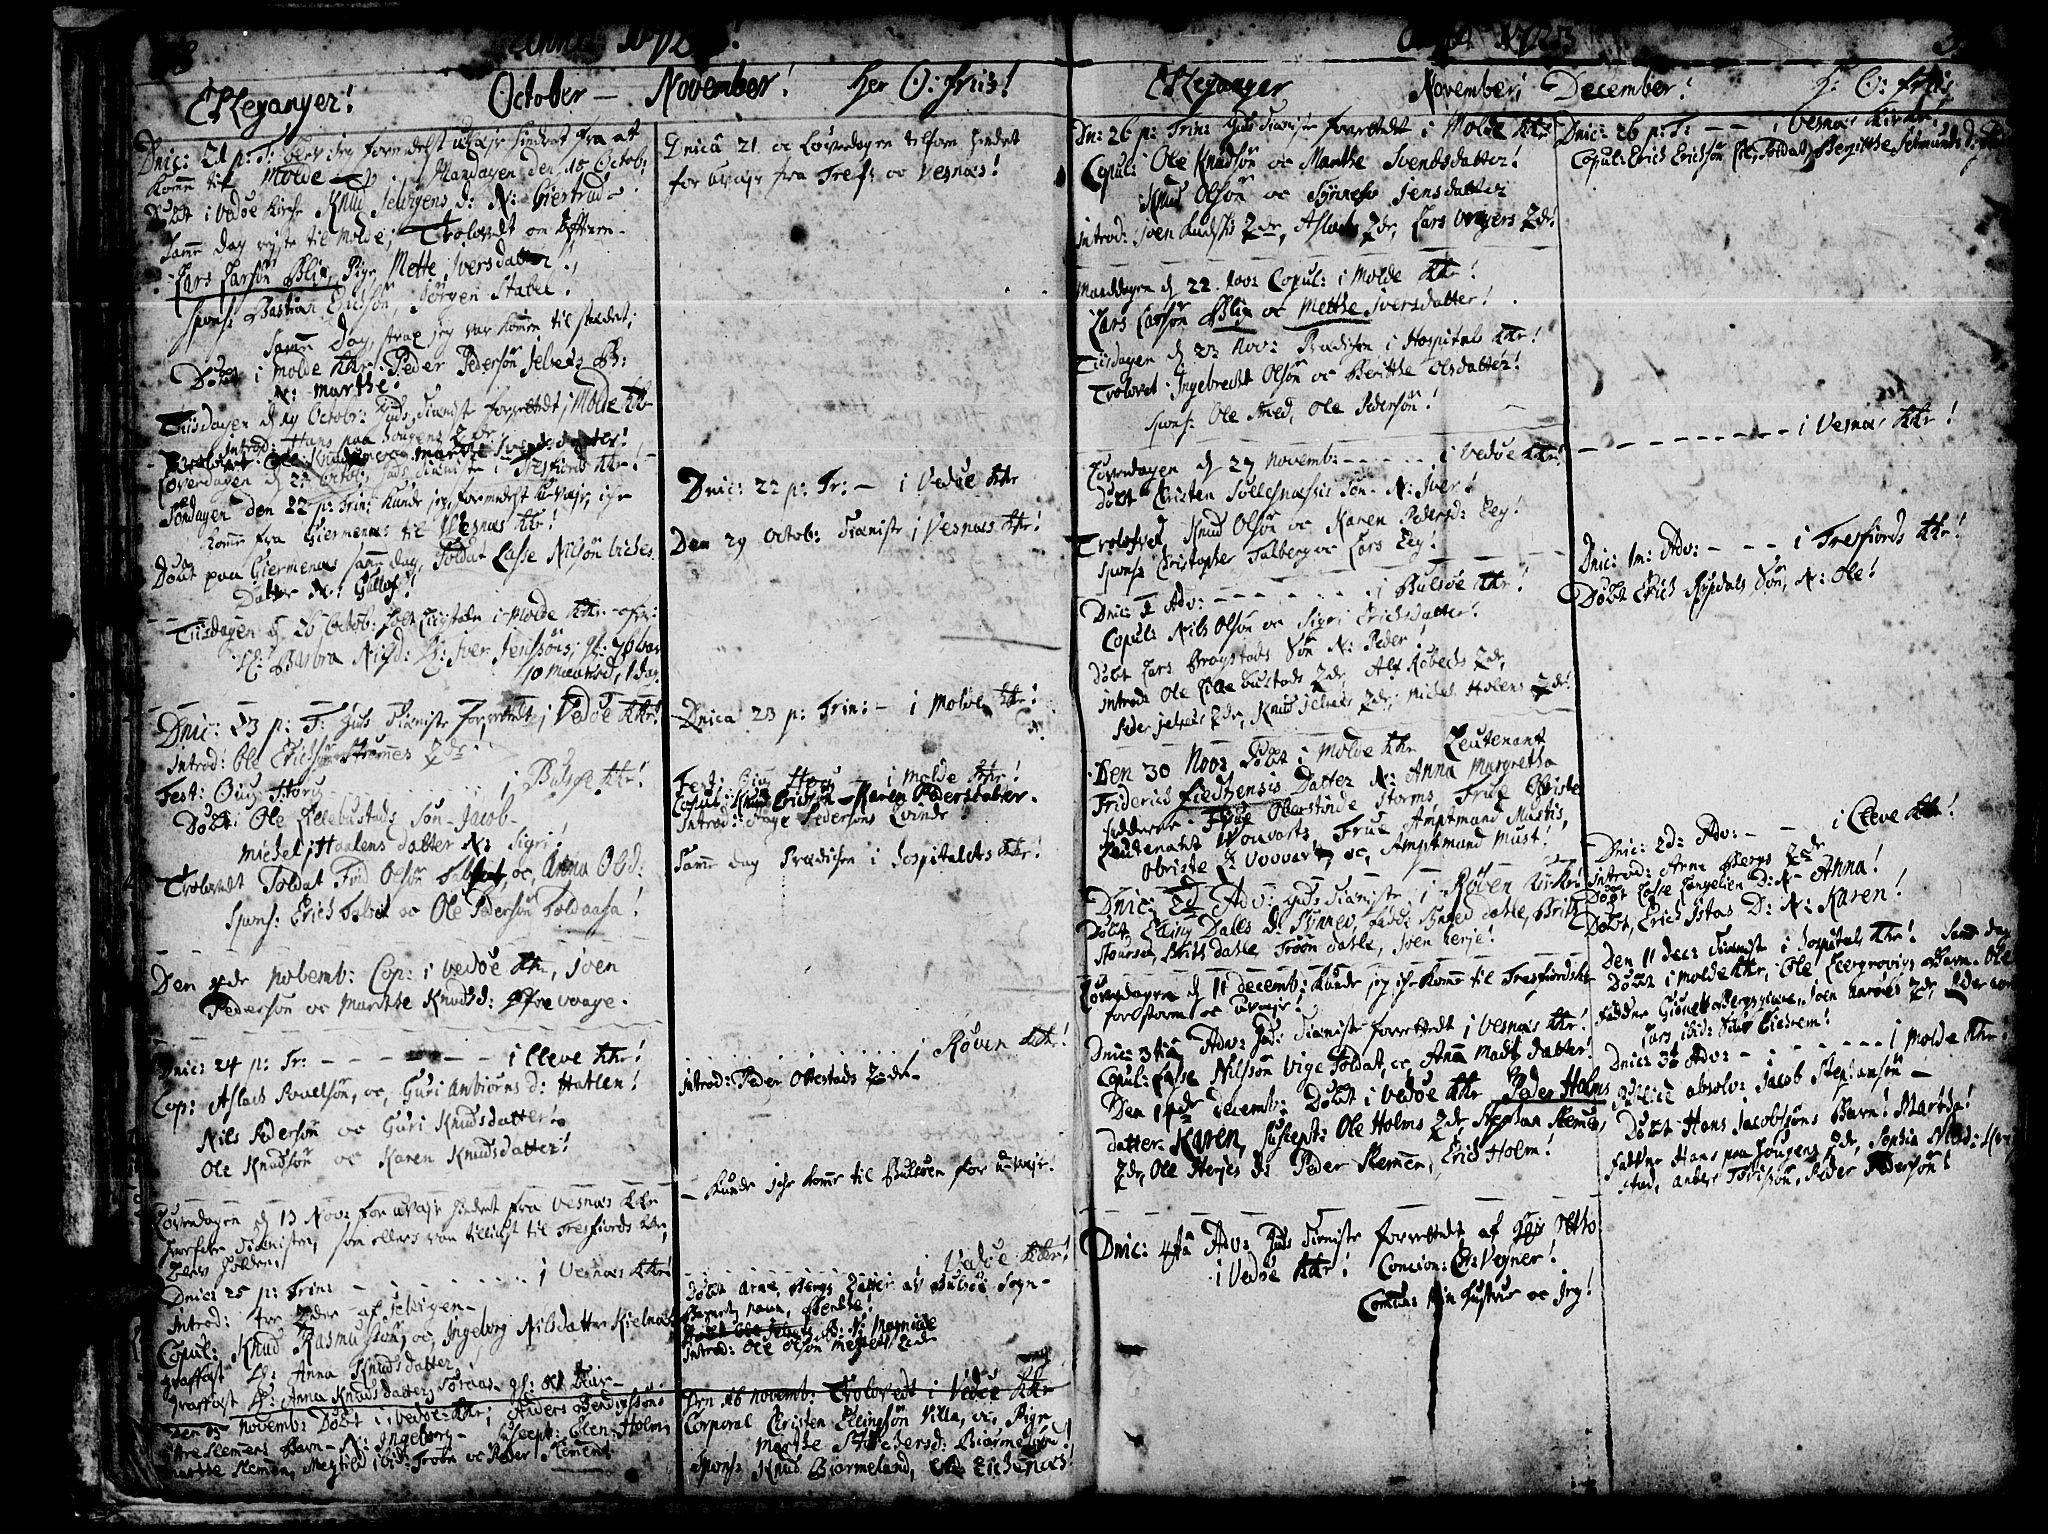 SAT, Ministerialprotokoller, klokkerbøker og fødselsregistre - Møre og Romsdal, 547/L0599: Ministerialbok nr. 547A01, 1721-1764, s. 40-41